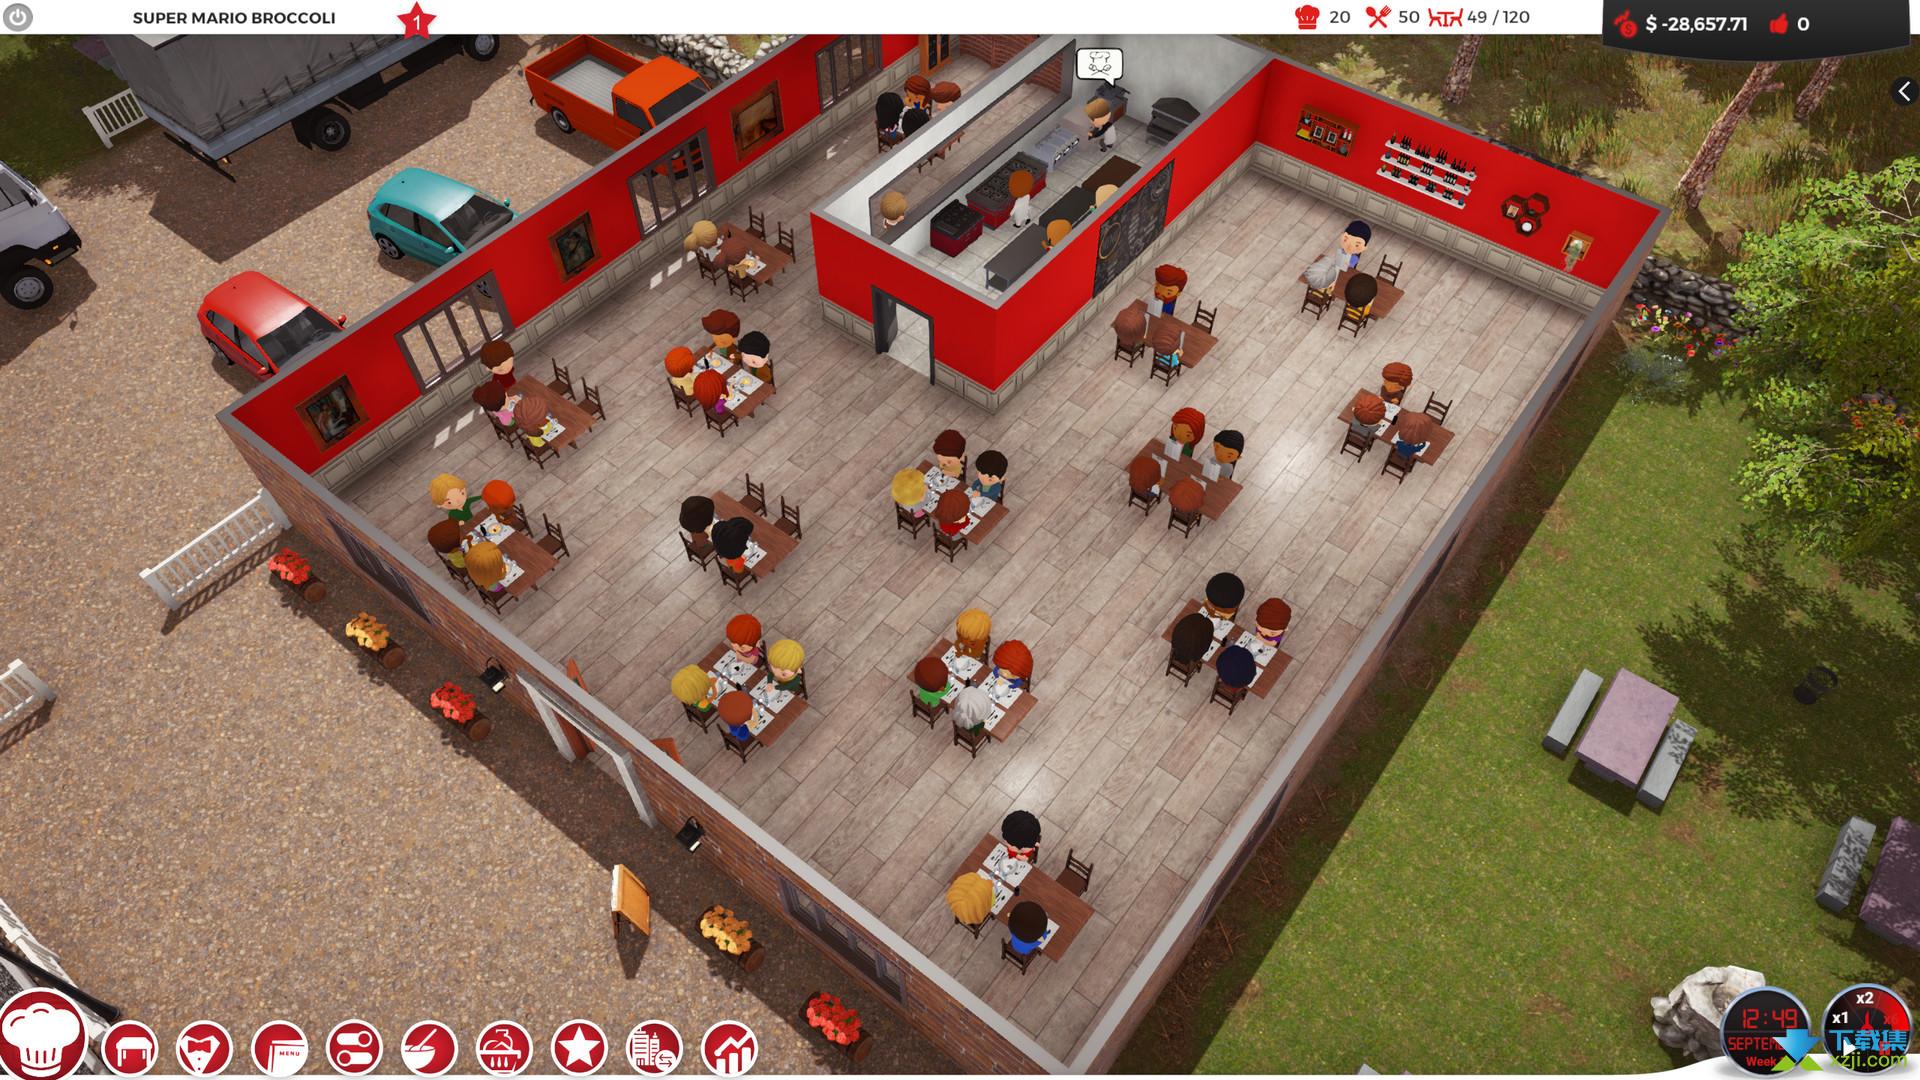 厨师餐厅大亨界面4